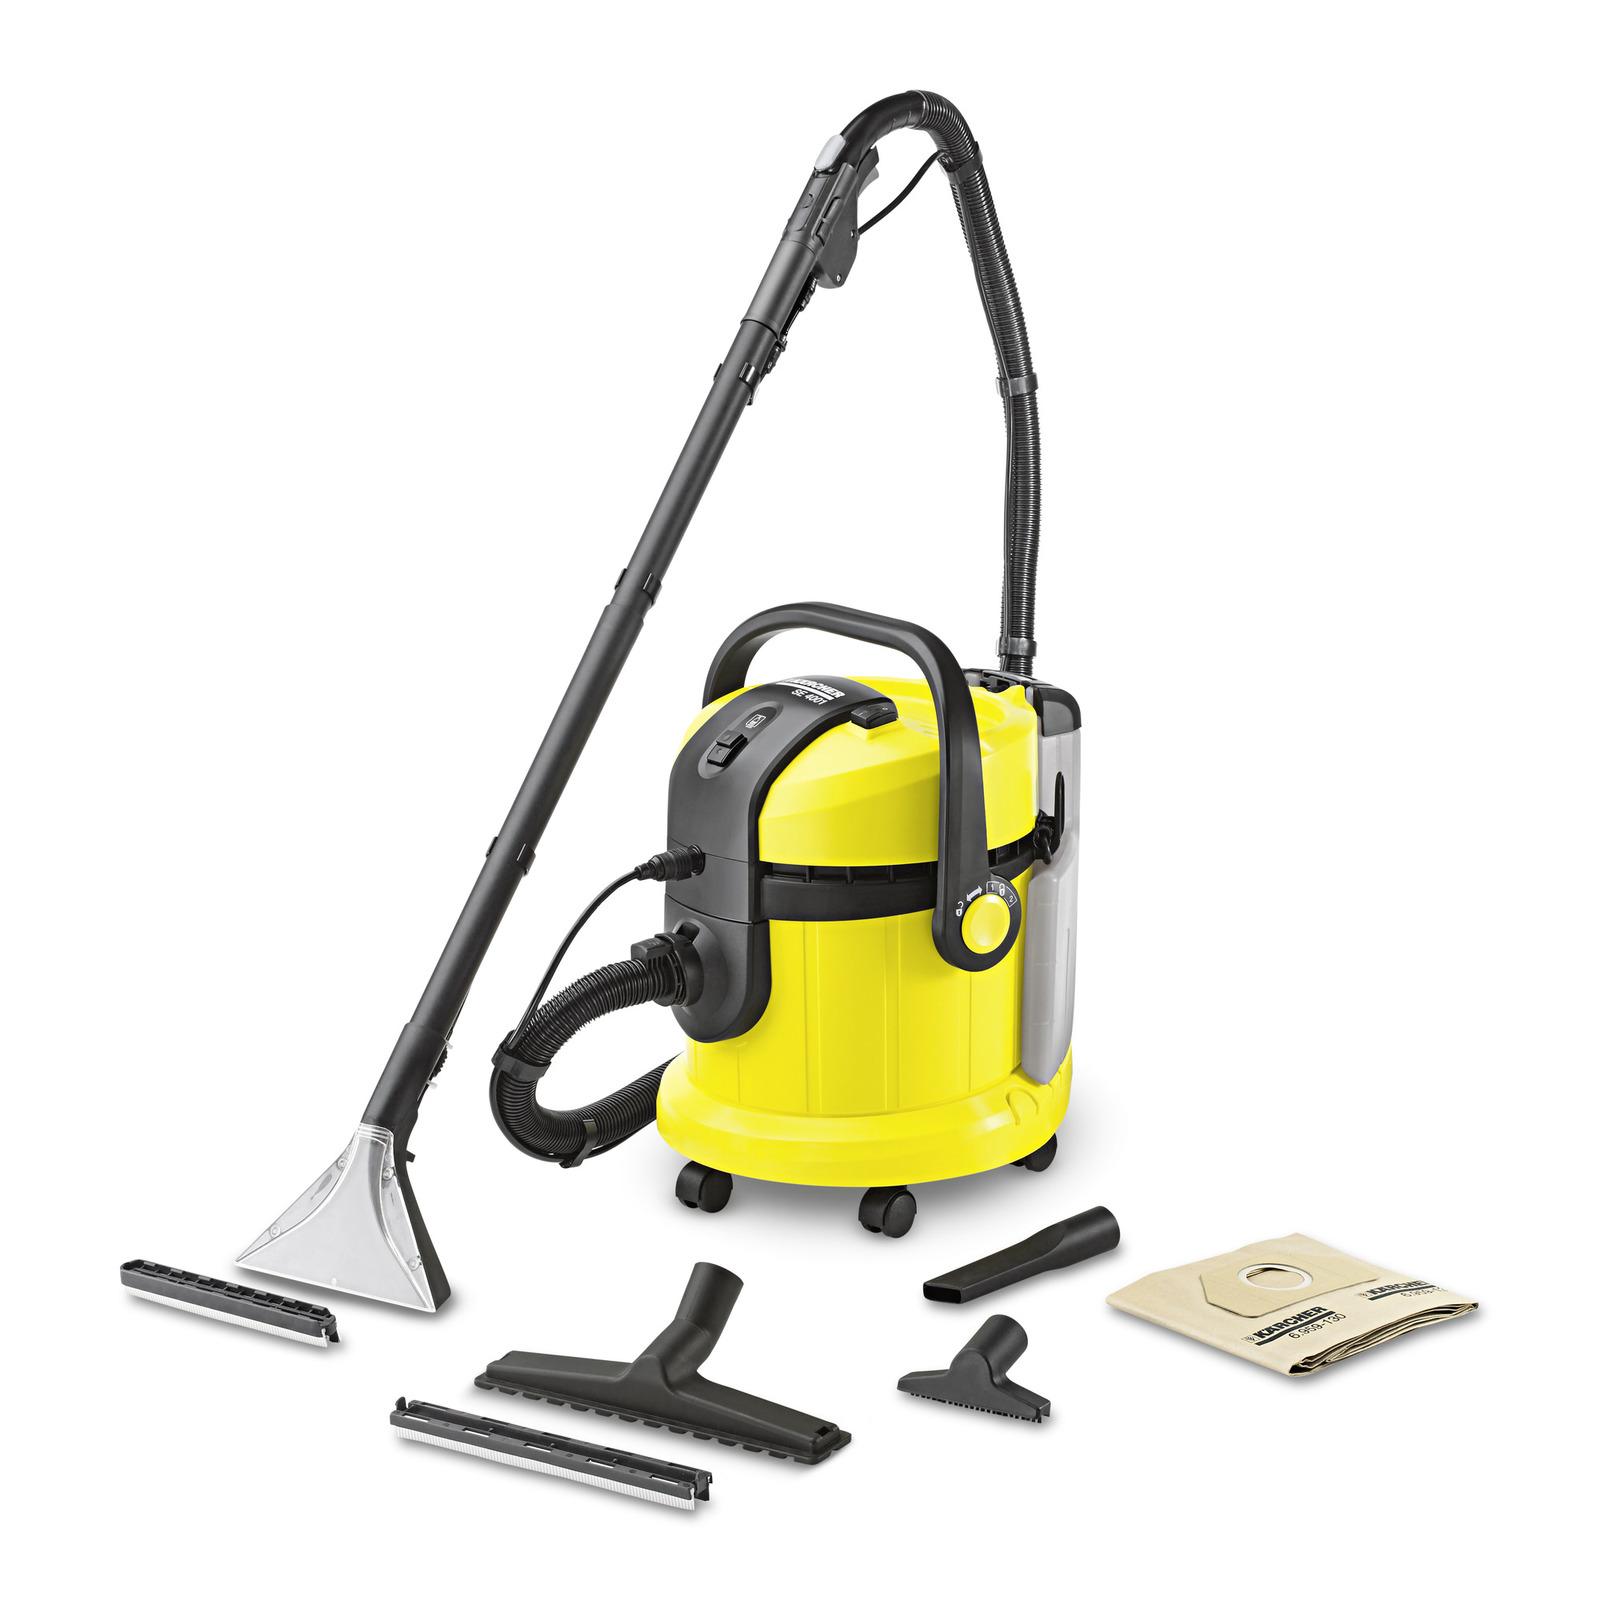 KARCHER 1.081-135.0 - SE 4001 Carpet Cleaner